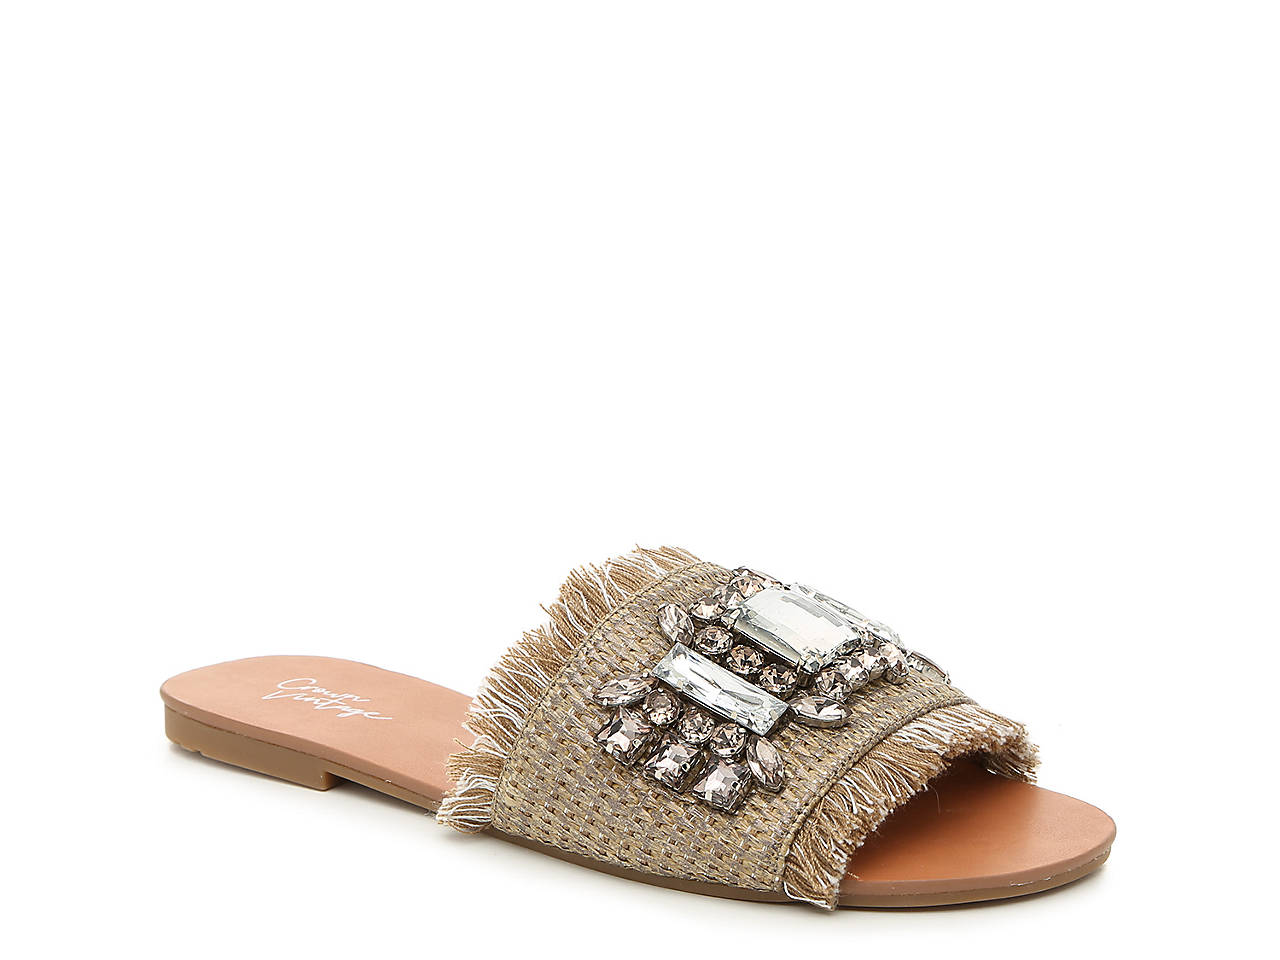 8168c94457e Crown Vintage Glorianna Sandal Women s Shoes